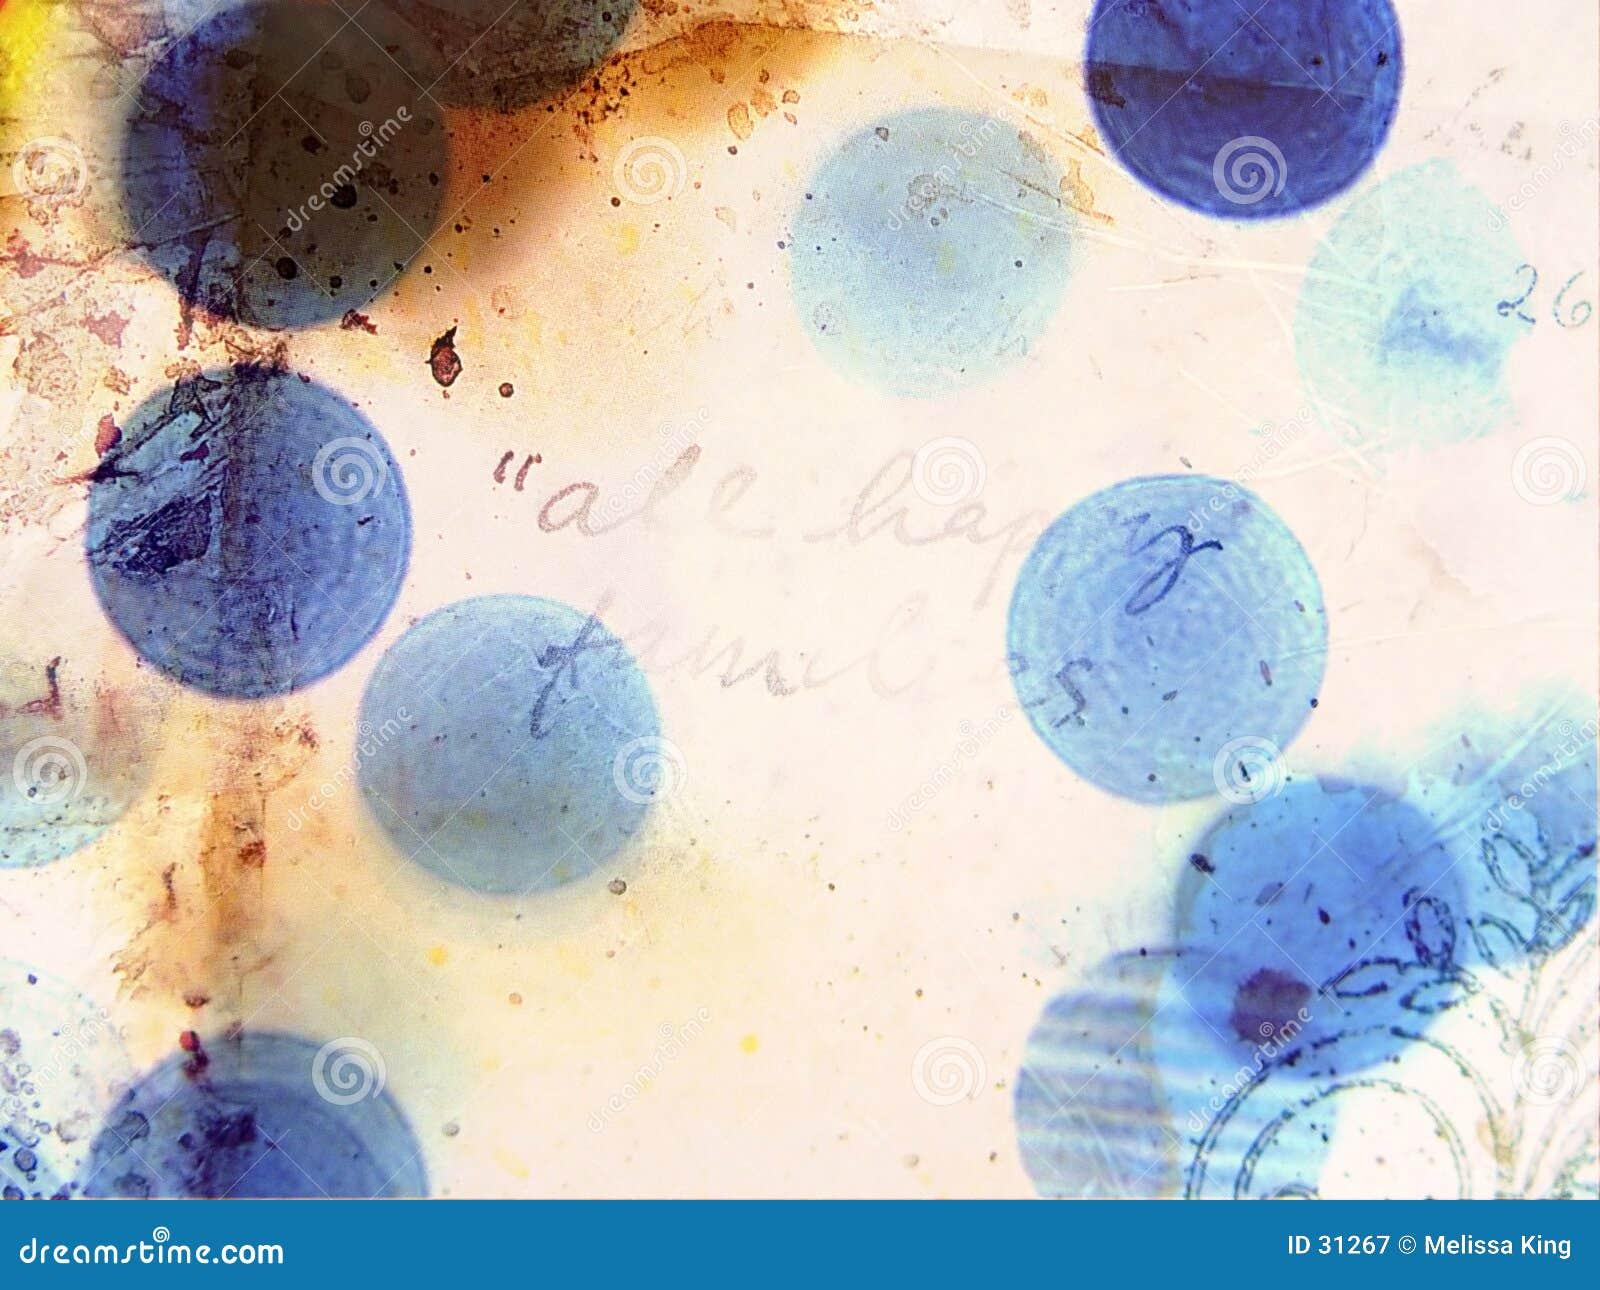 Download Fondo abstracto de Grunge stock de ilustración. Ilustración de fresco - 31267